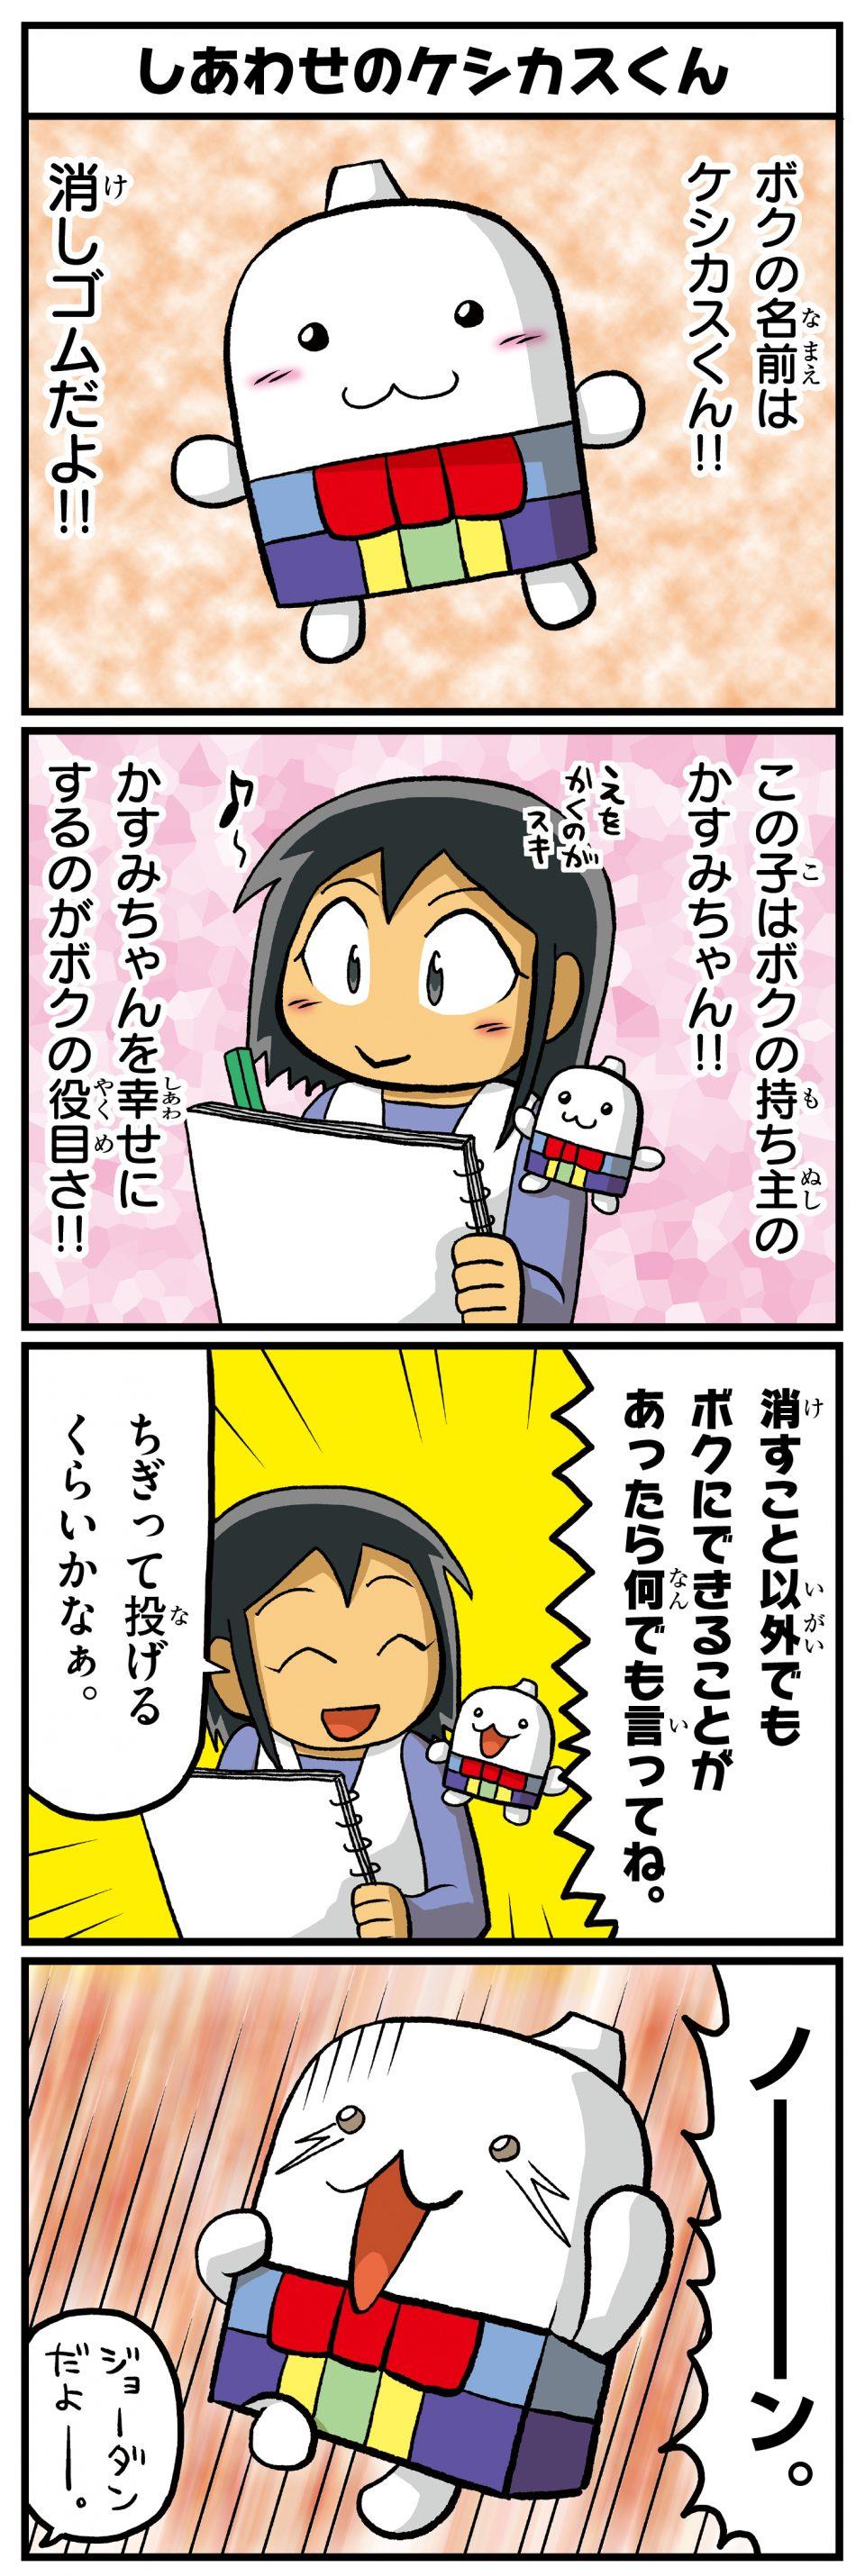 エイプリルフール記事】キラコロコミック新連載予告4コマ第1弾は ...